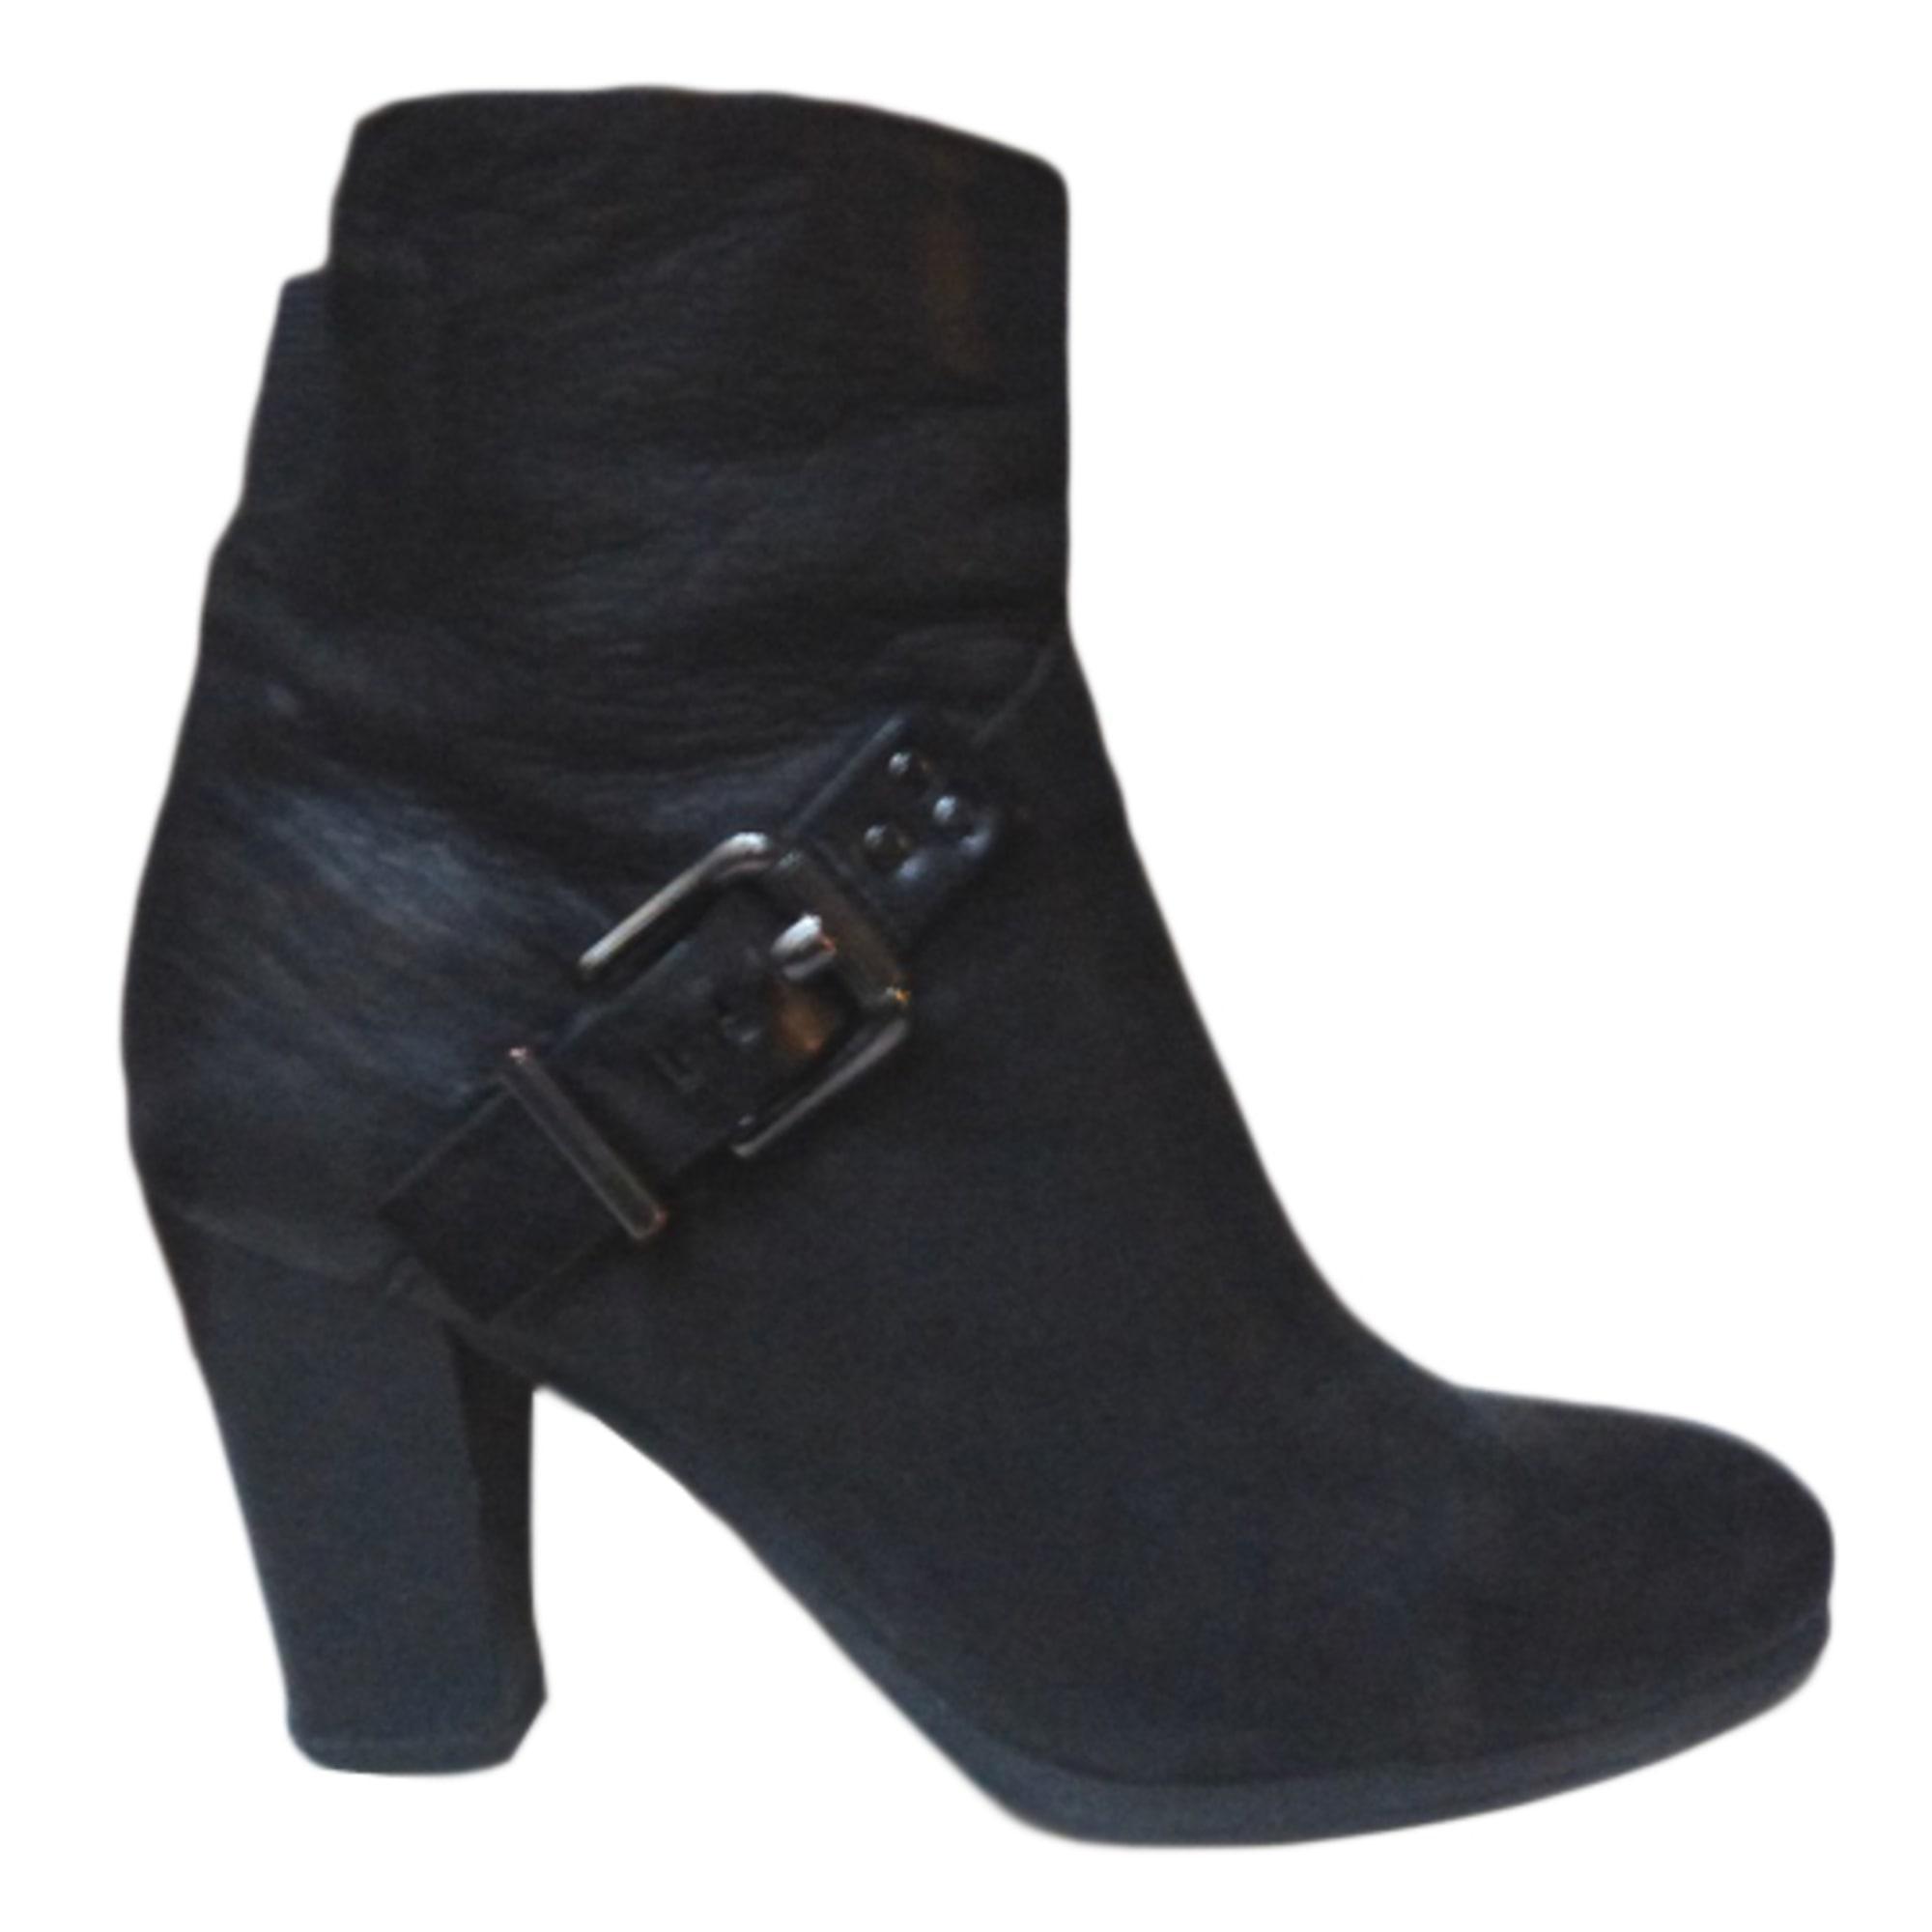 2c0fce8daf14 Bottines   low boots à talons JONAK 36 noir - 4237340